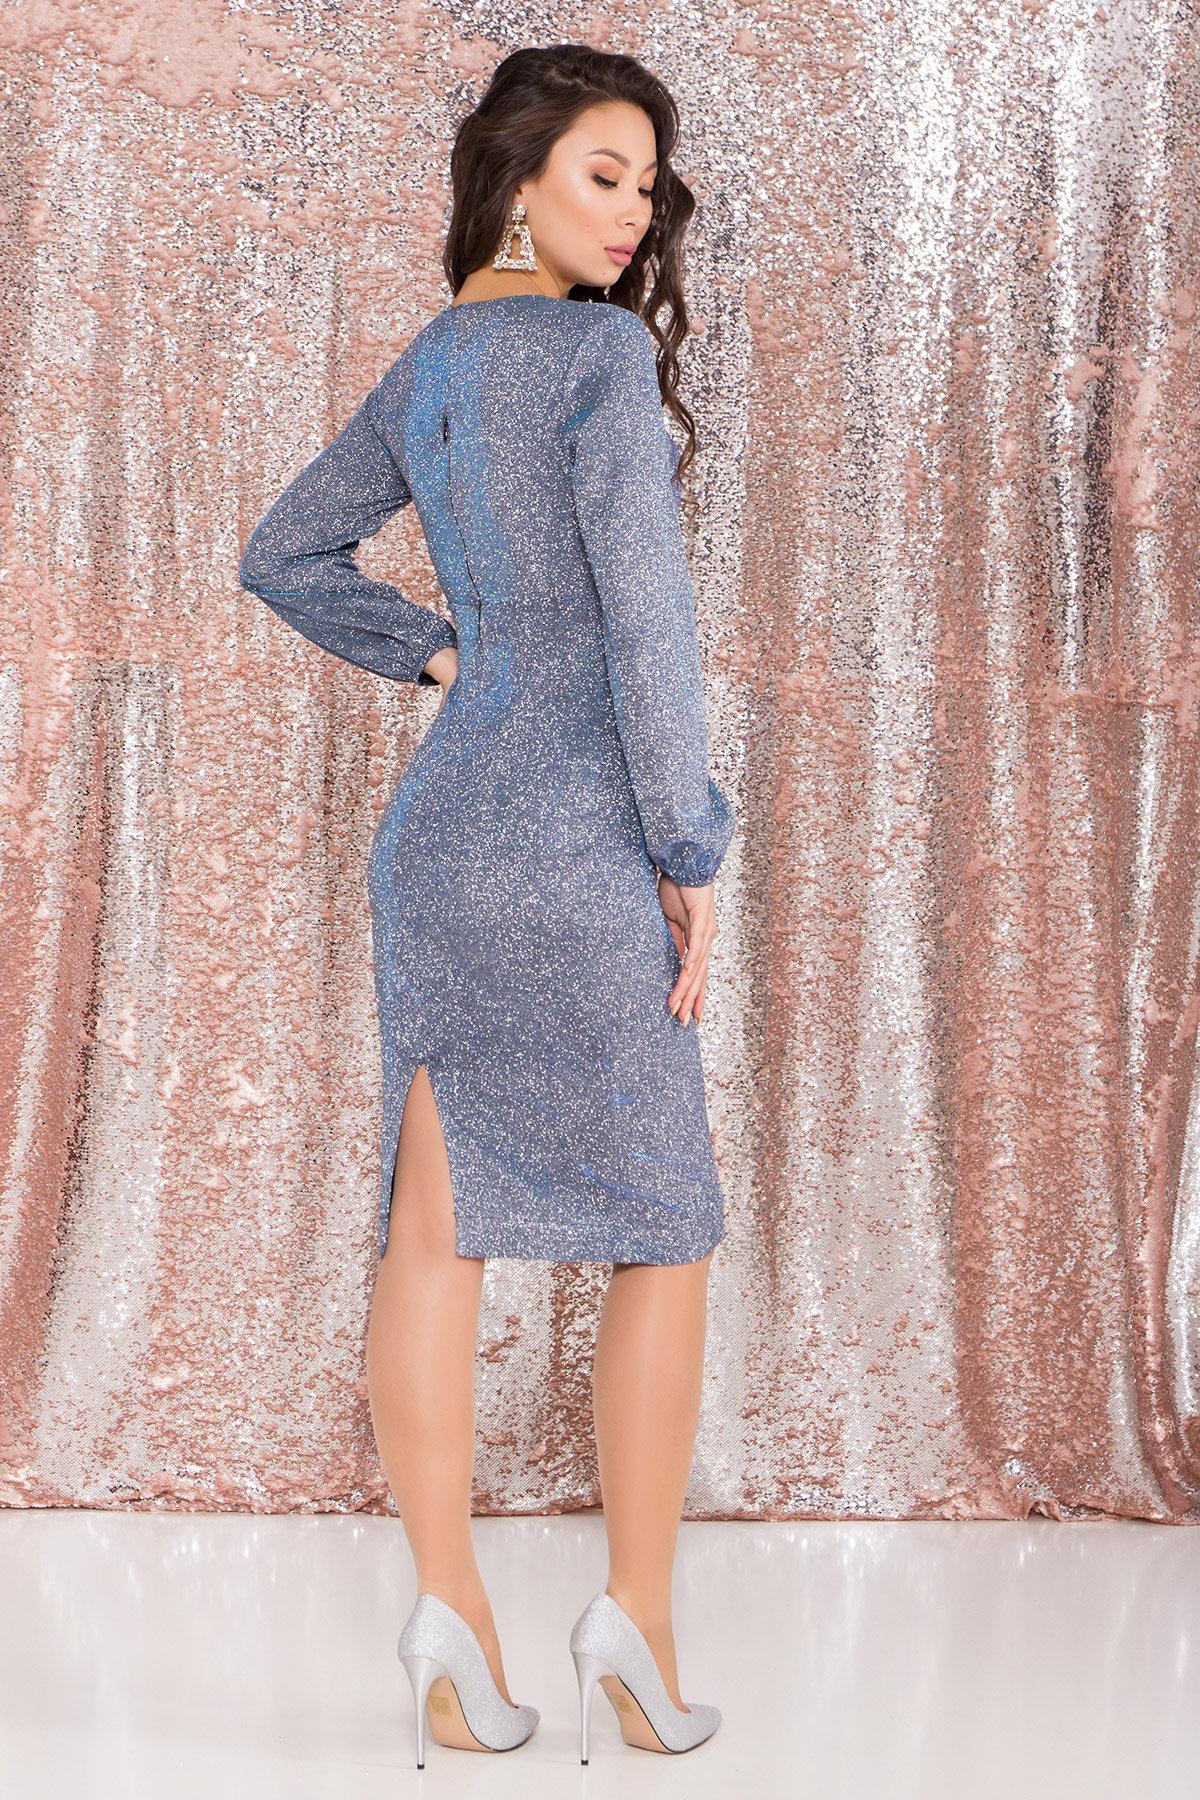 Нарядное платье с люрексом Фаселис 8527 АРТ. 45028 Цвет: Серебро/бирюза/электрик - фото 7, интернет магазин tm-modus.ru